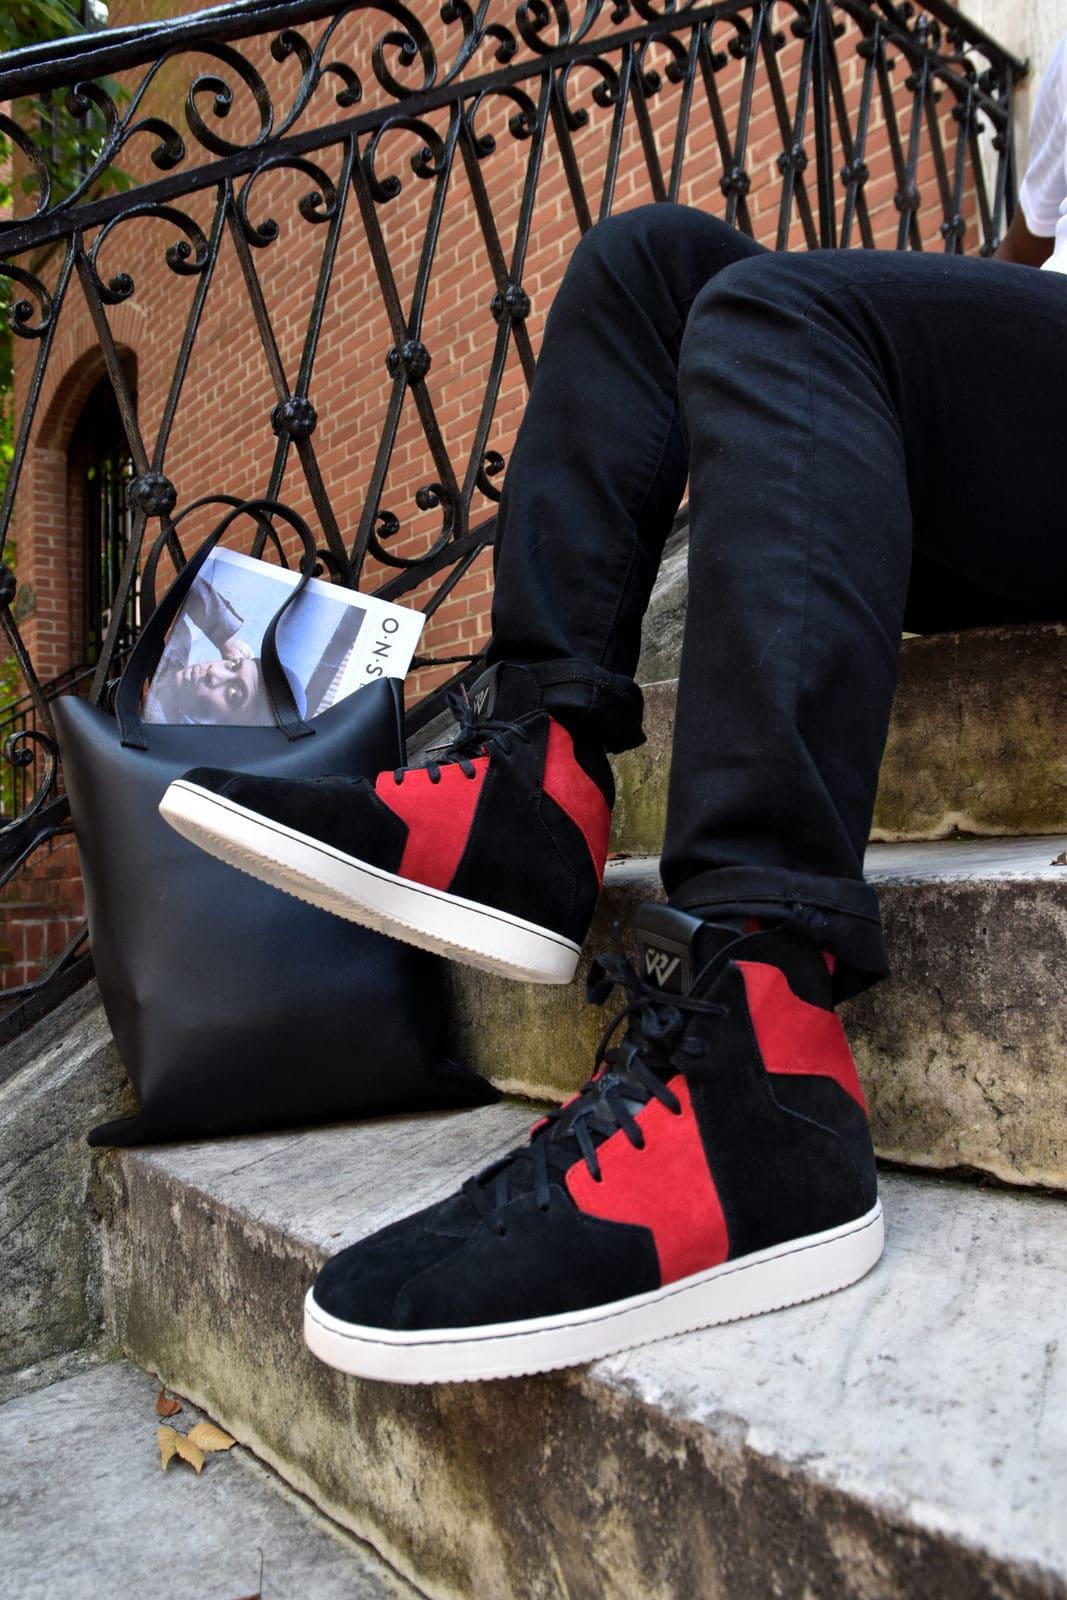 Westbrook Jordan 0.2 Sneakers